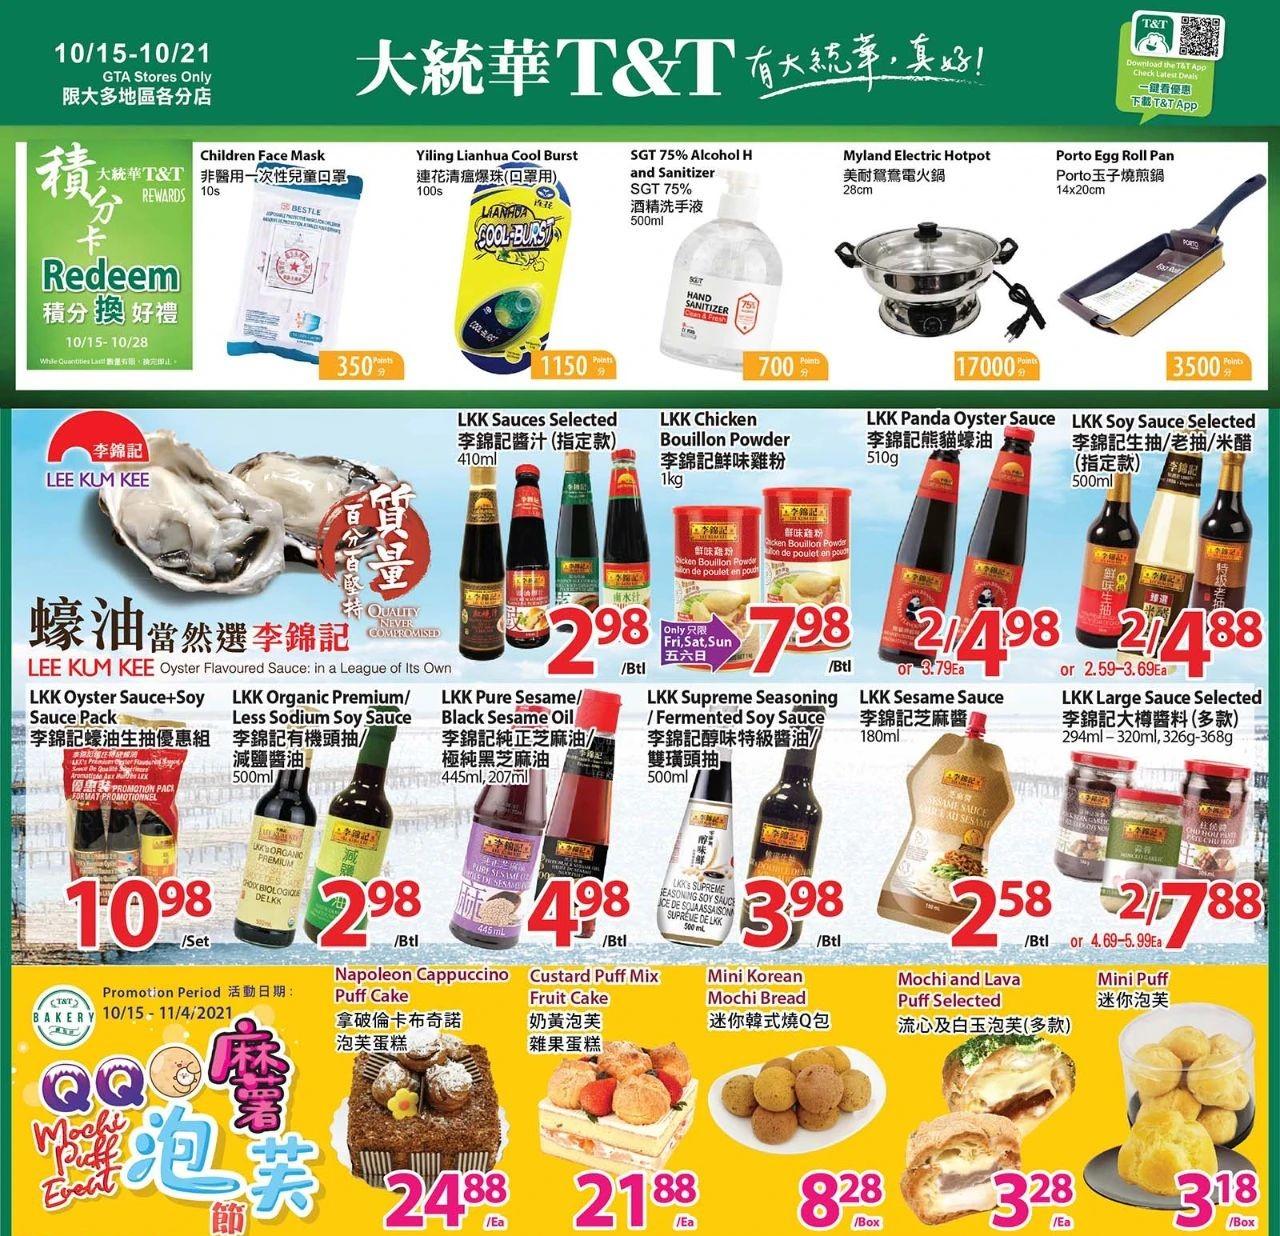 TNT Supermarket GTA Flyer   Oct 15